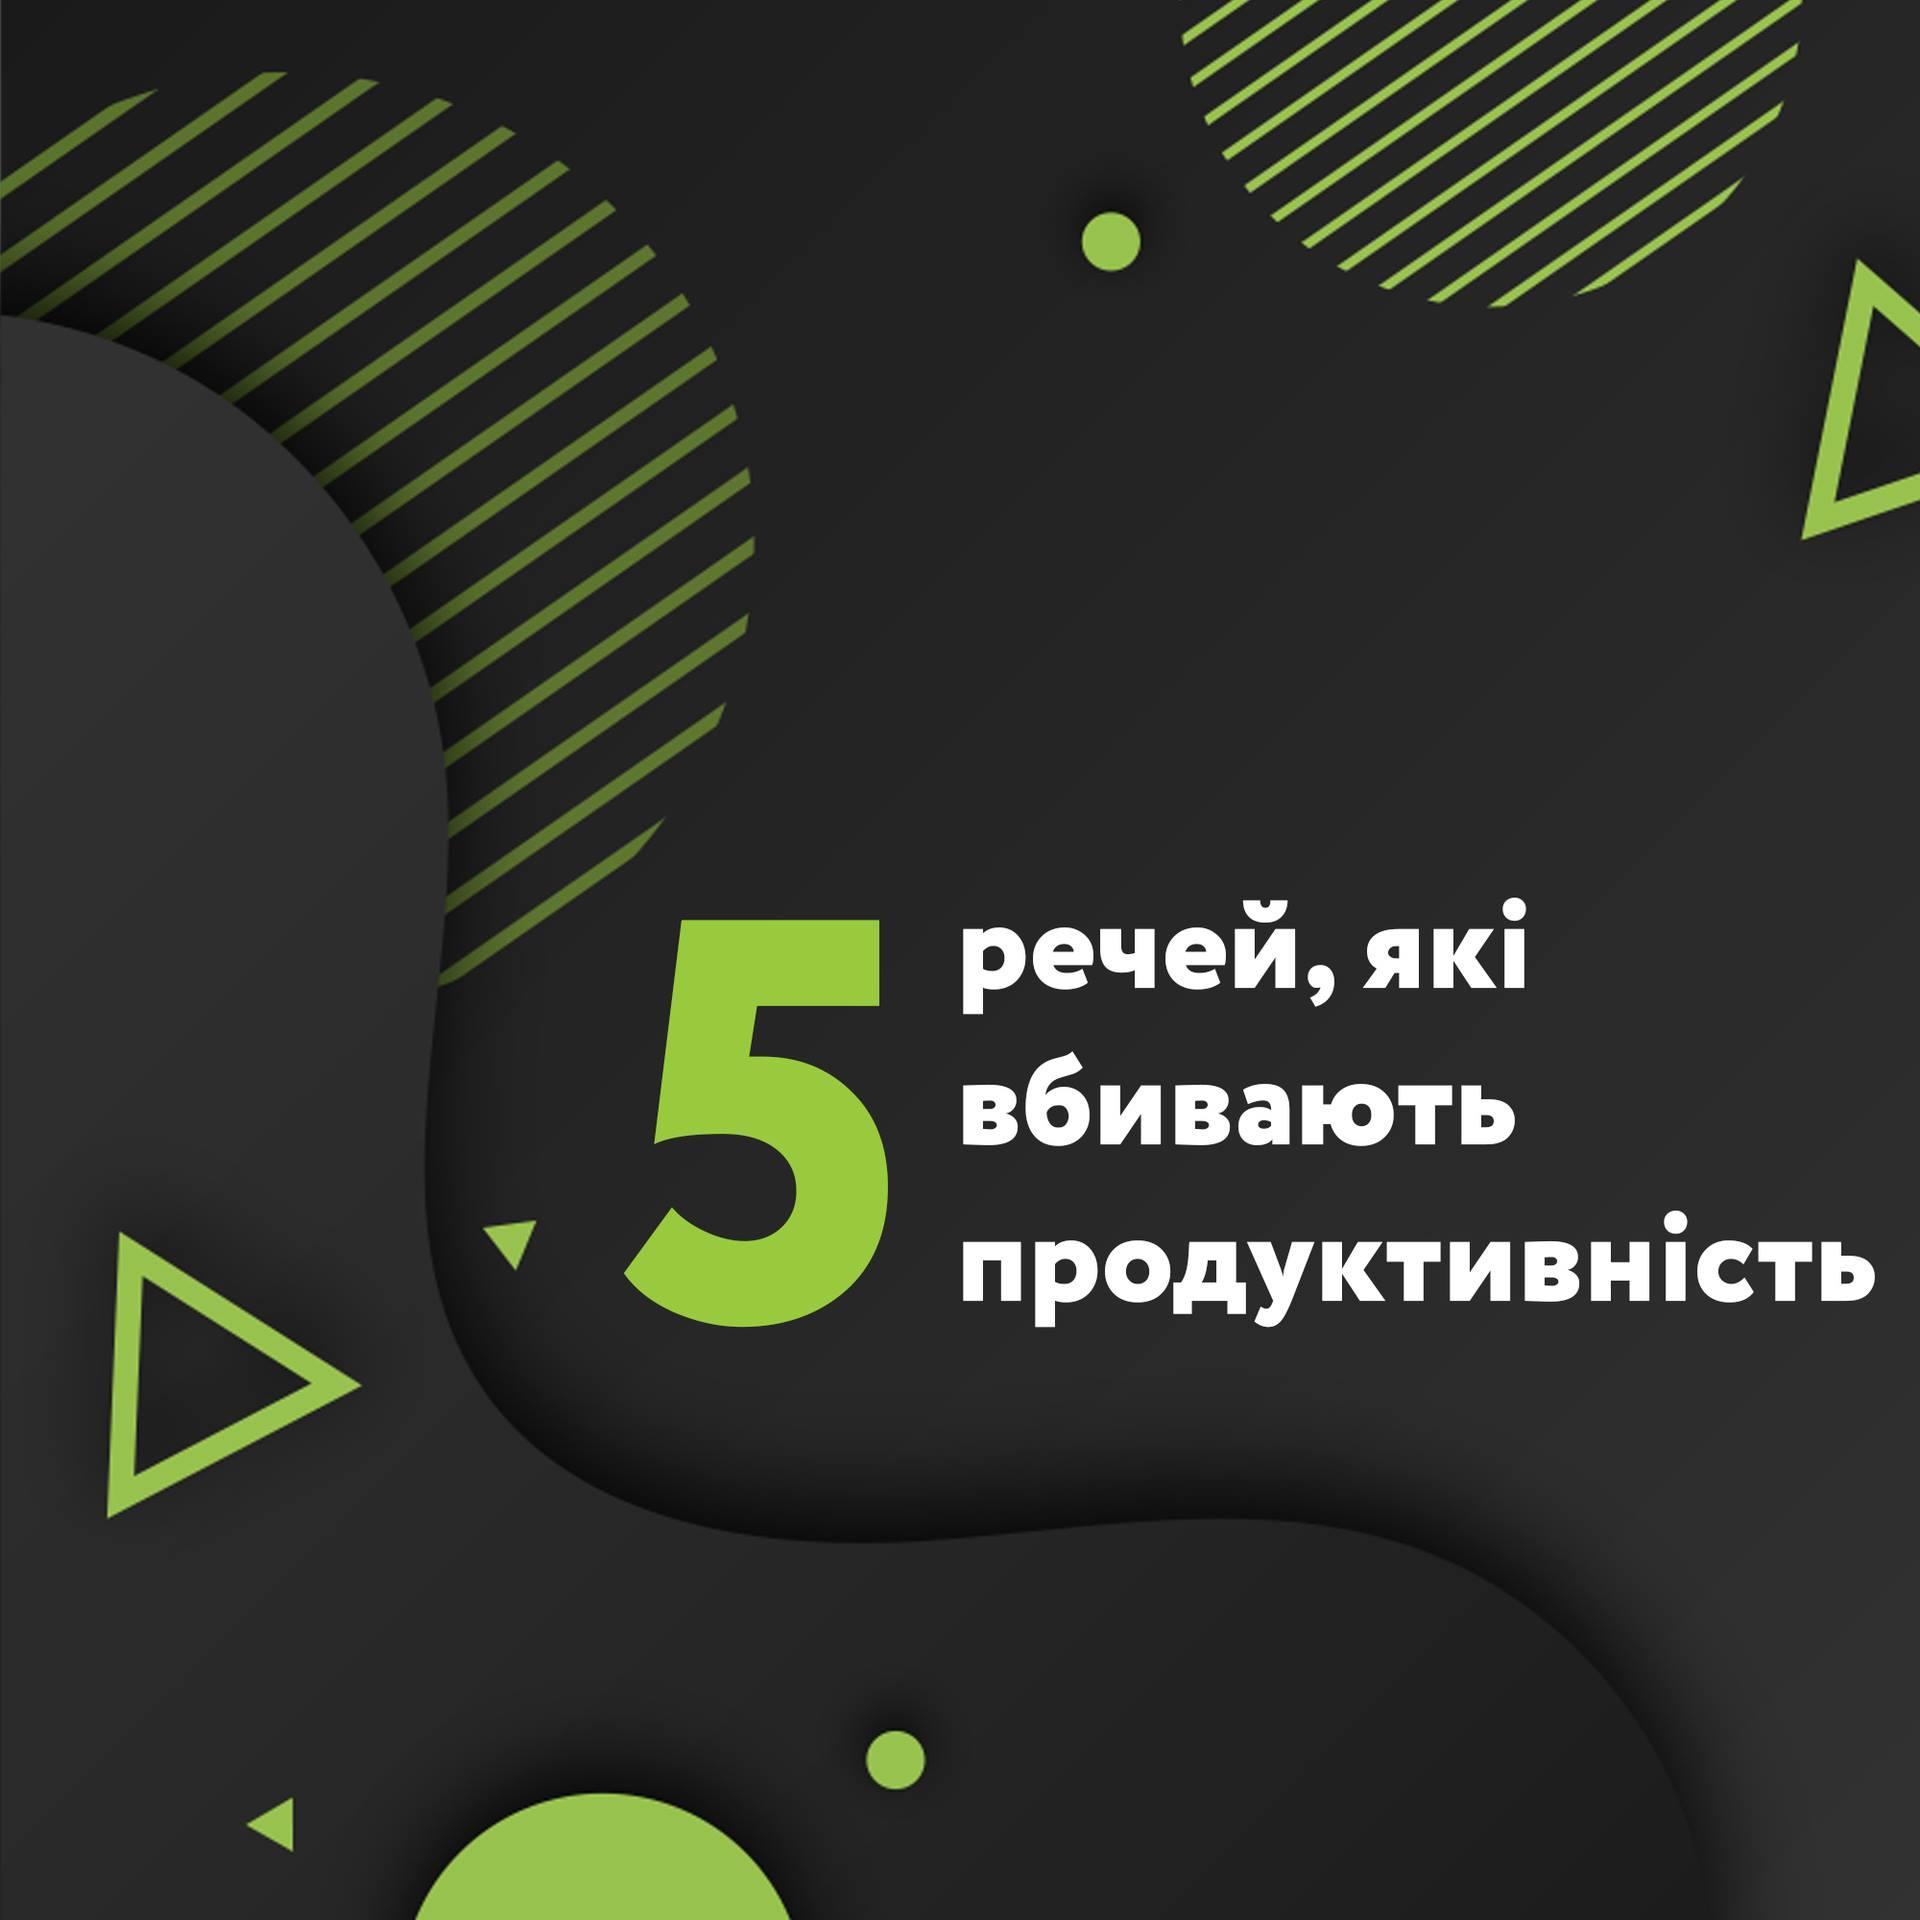 5 речей, які вбивають продуктивність